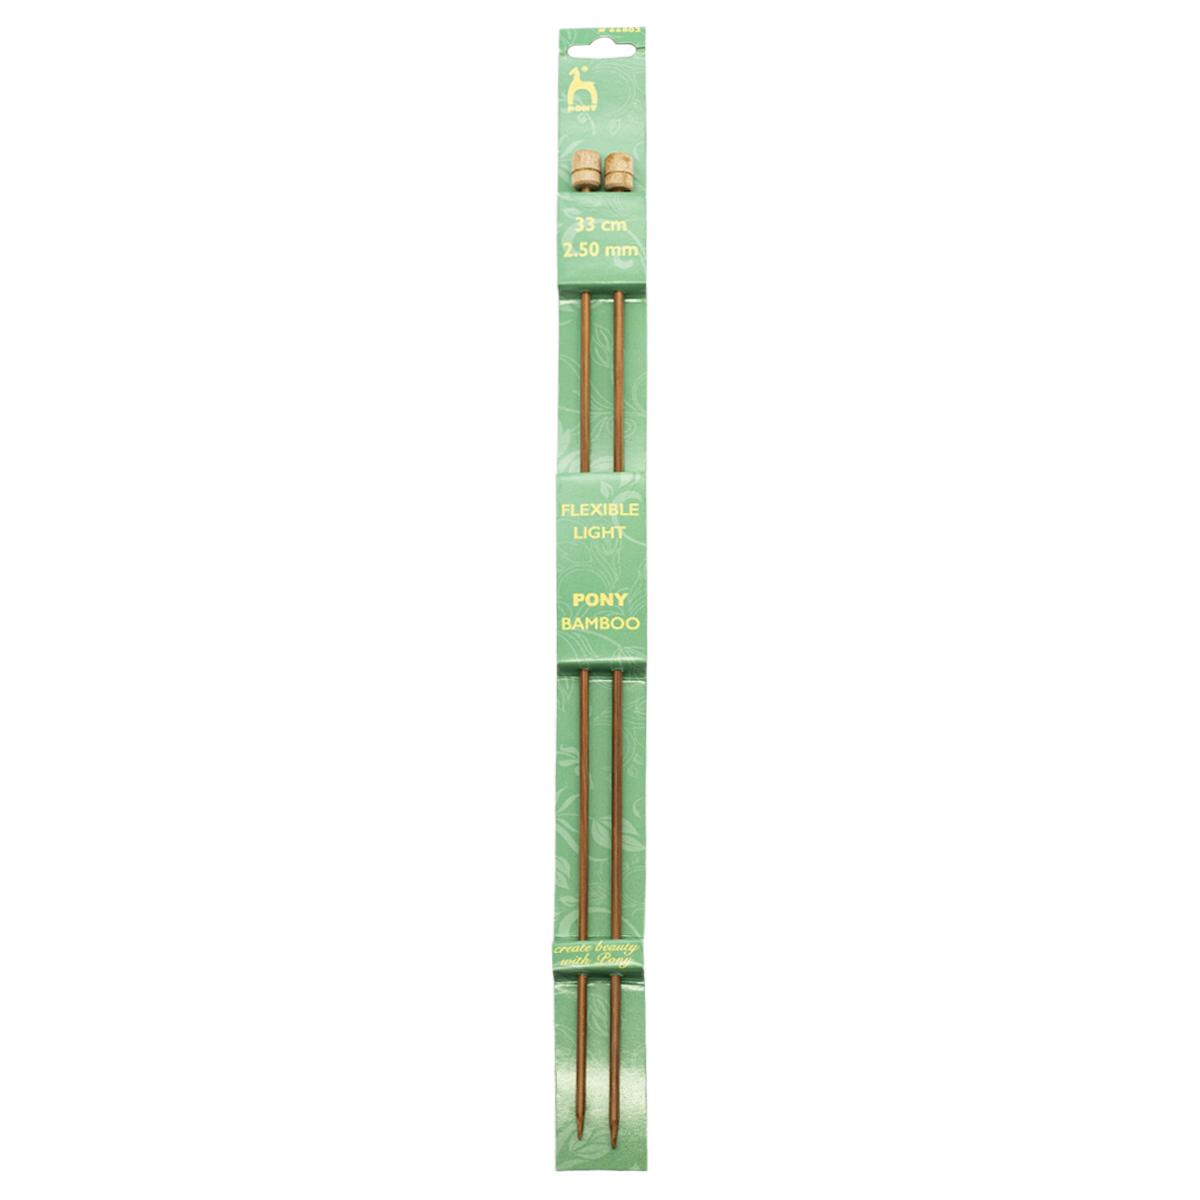 66803 Спицы вязальные прямые 2,50мм*33см, бамбук, 2шт PONY